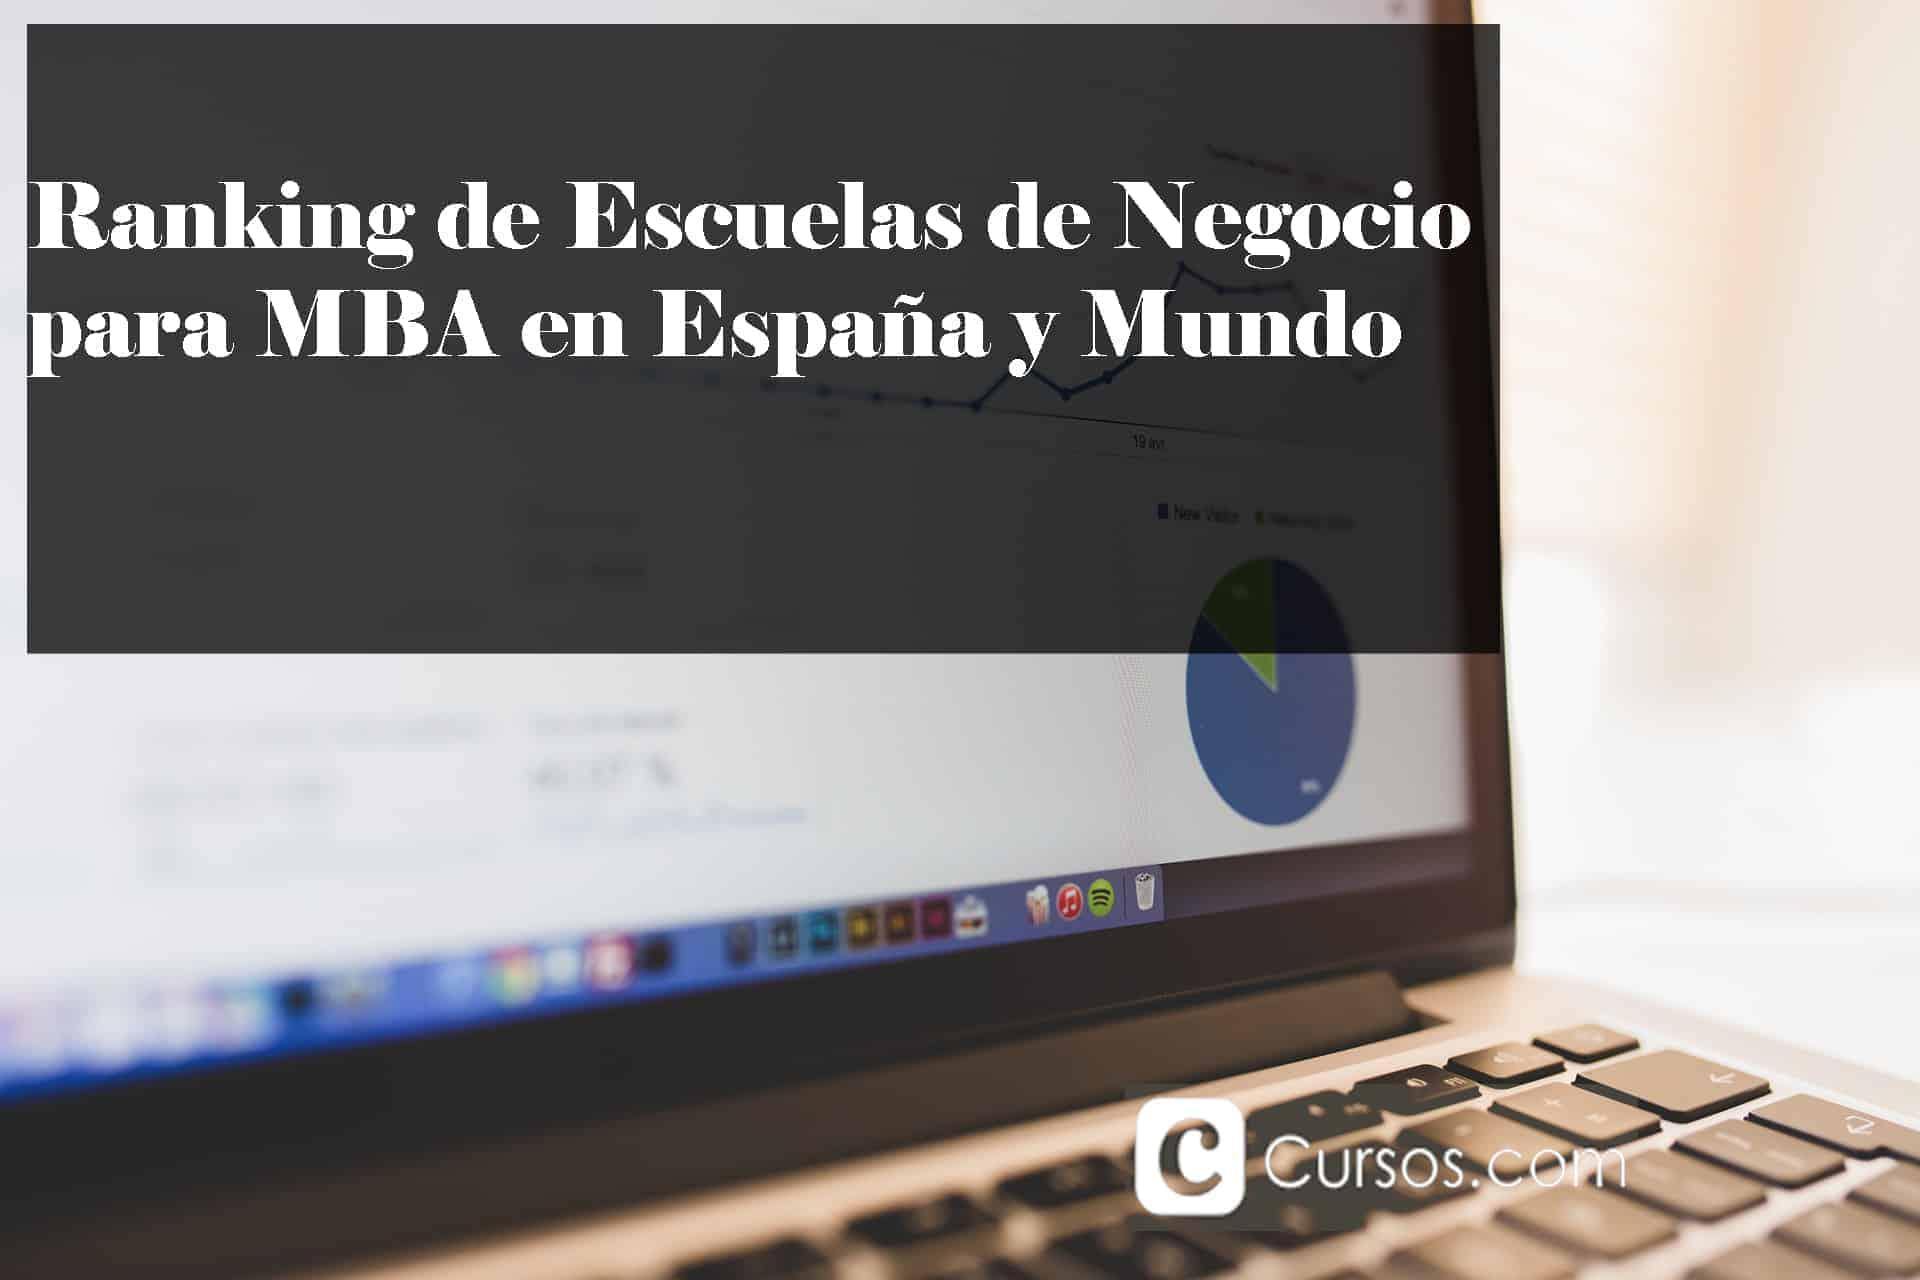 Ranking de Escuelas de Negocio para MBA en España y Mundo